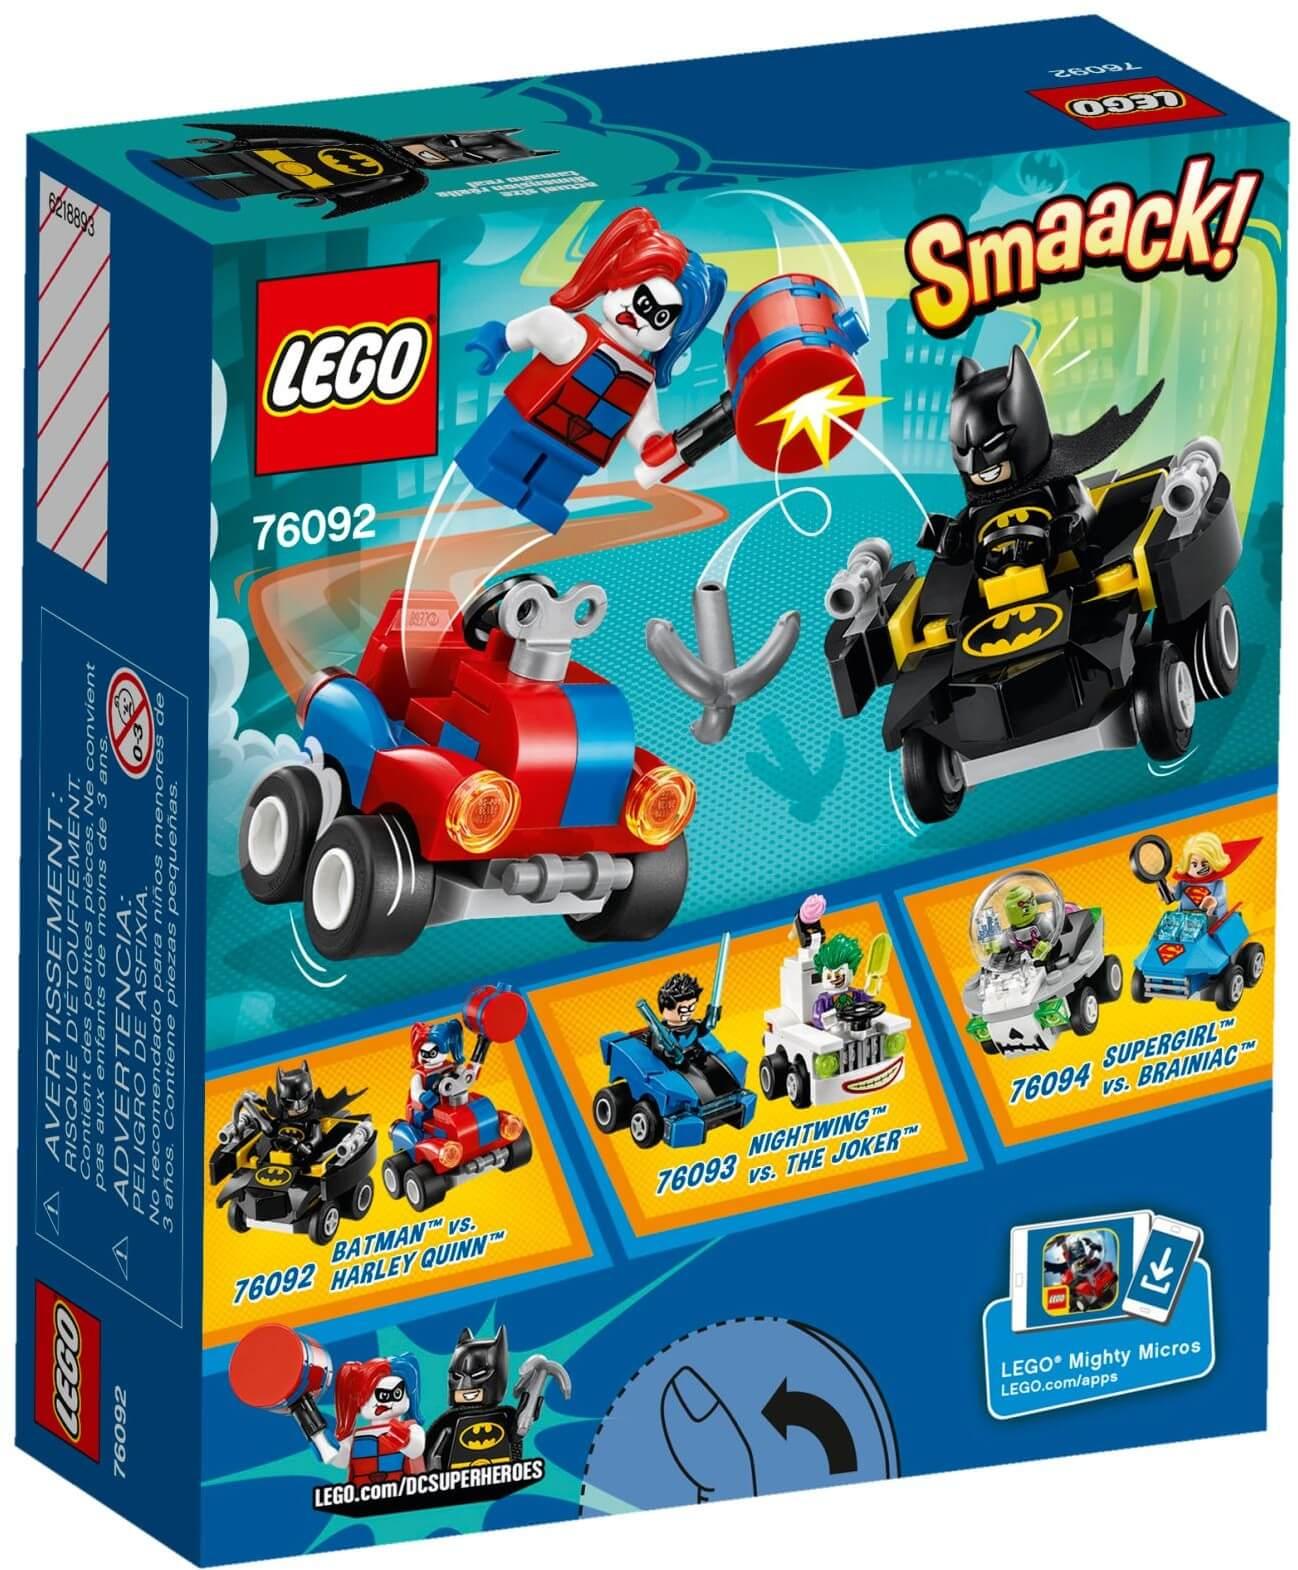 Mua đồ chơi LEGO 76092 - LEGO DC Comics Super Heroes 76092 - Batman vs. Harley Quinn (LEGO DC Comics Super Heroes 76092 Mighty Micros: Batman vs. Harley Quinn)